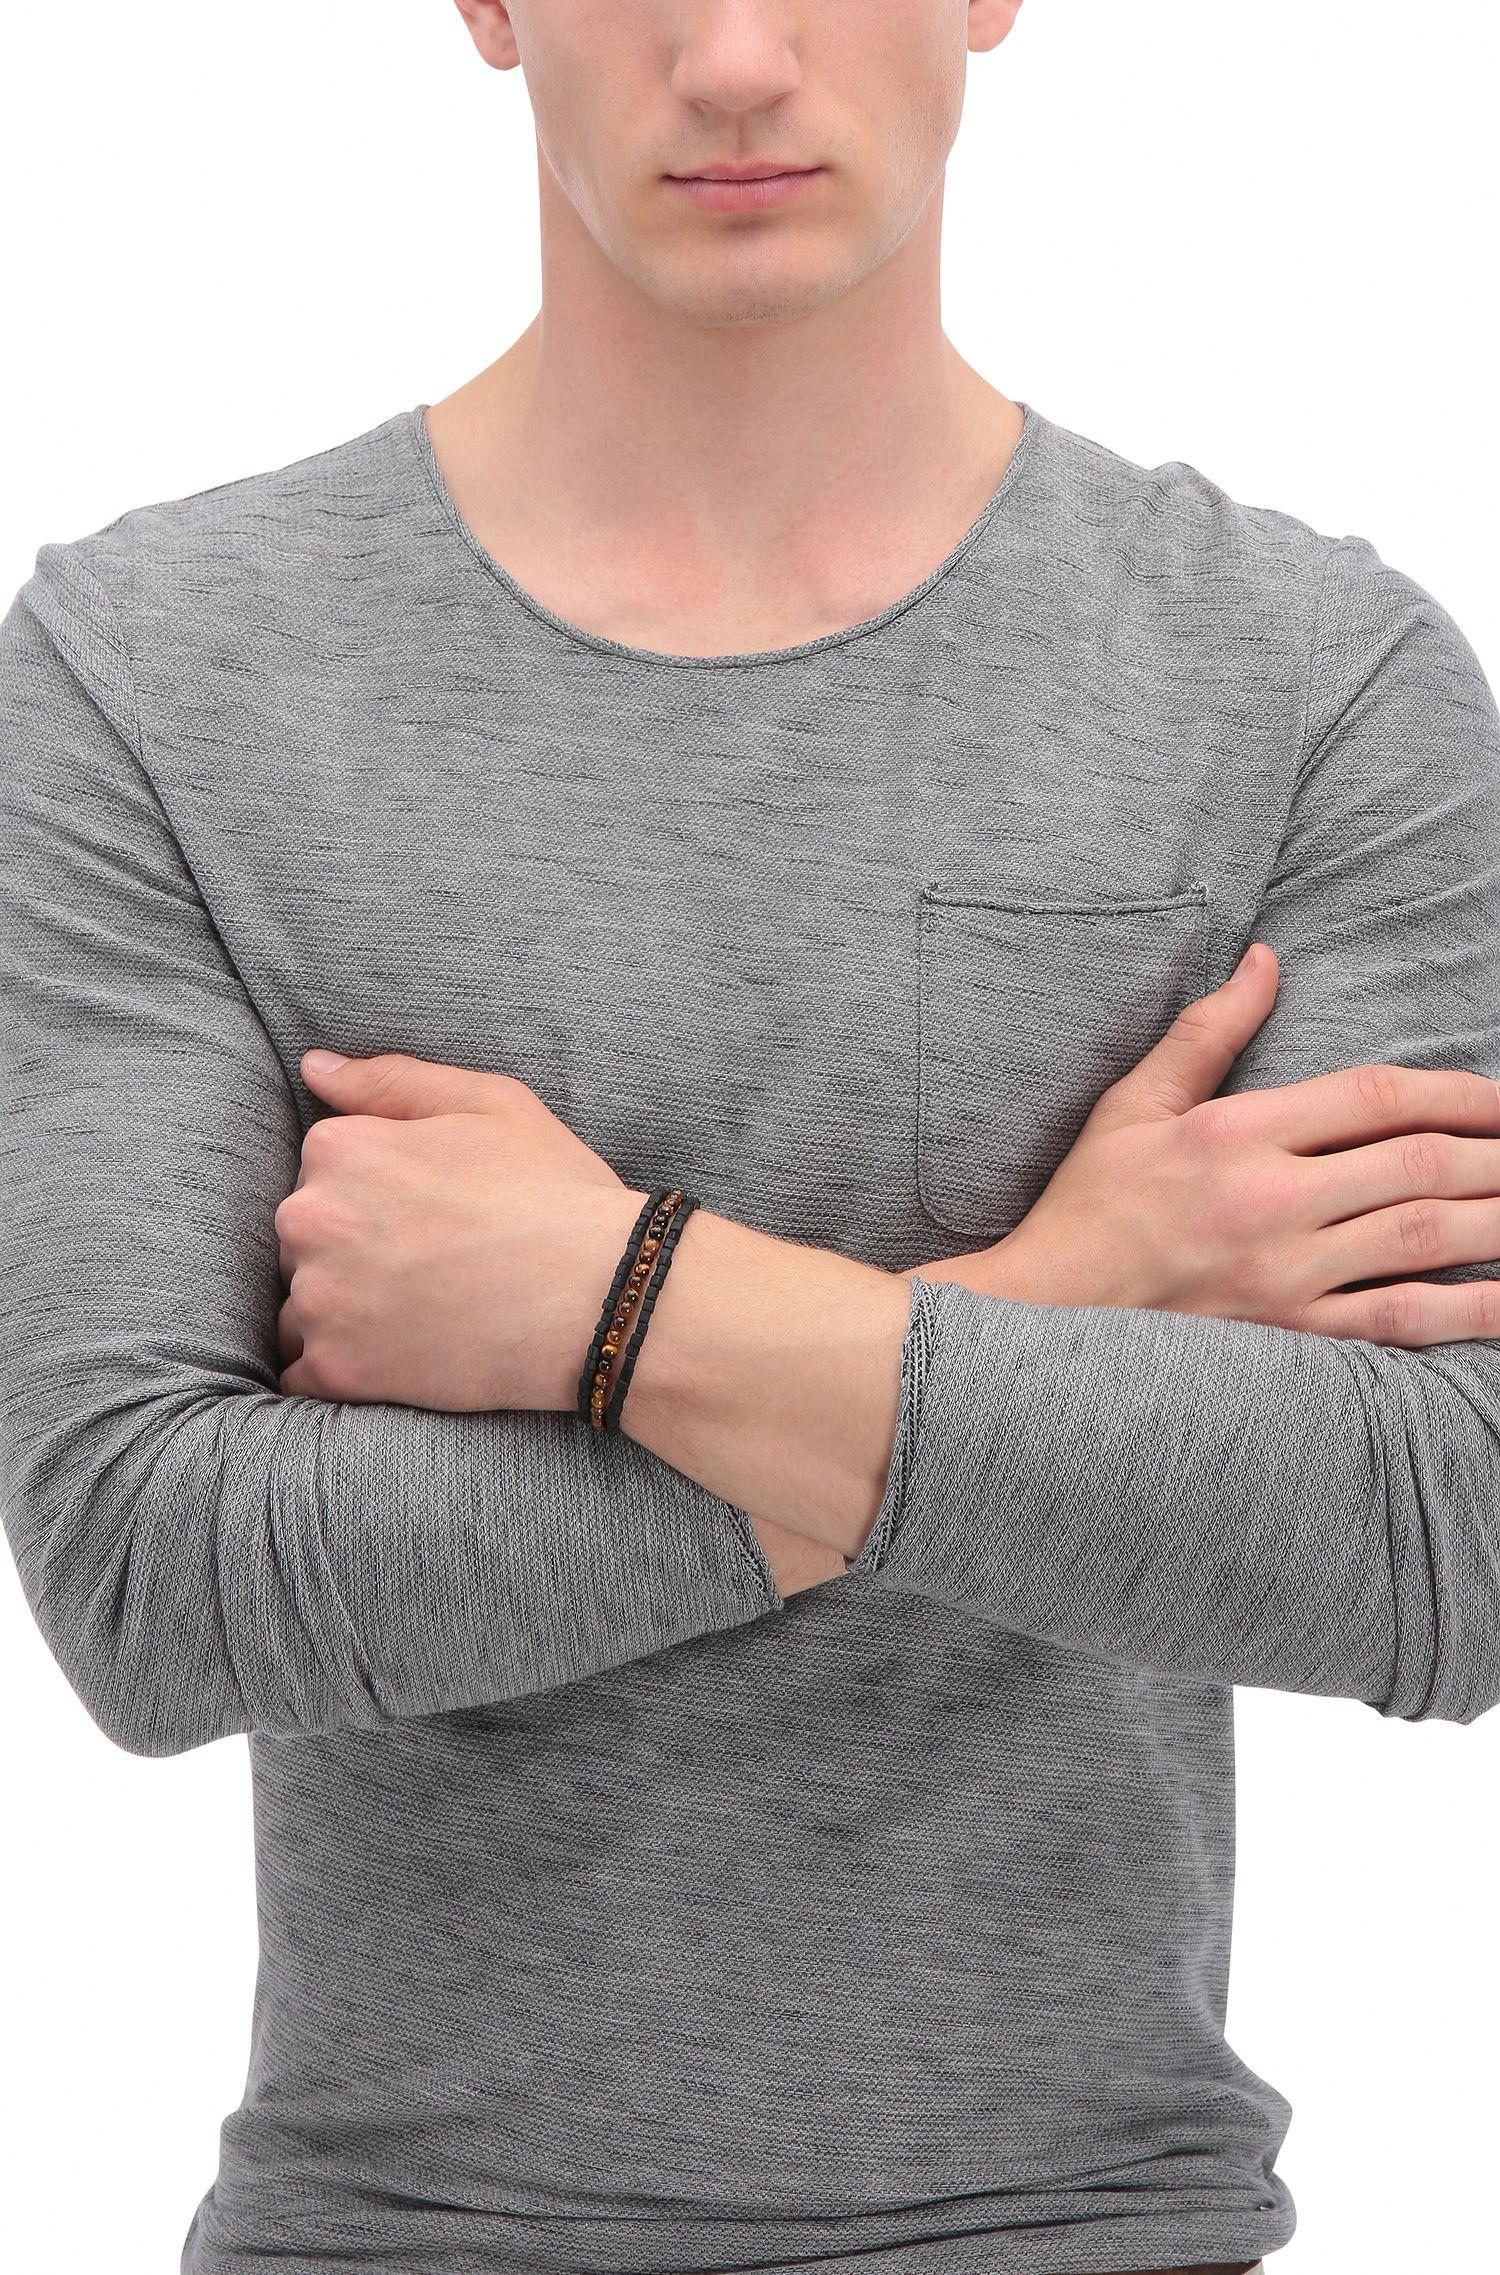 Armband aus Schmucksteinen und Katzenaugen-Perlen: ´Murry2`